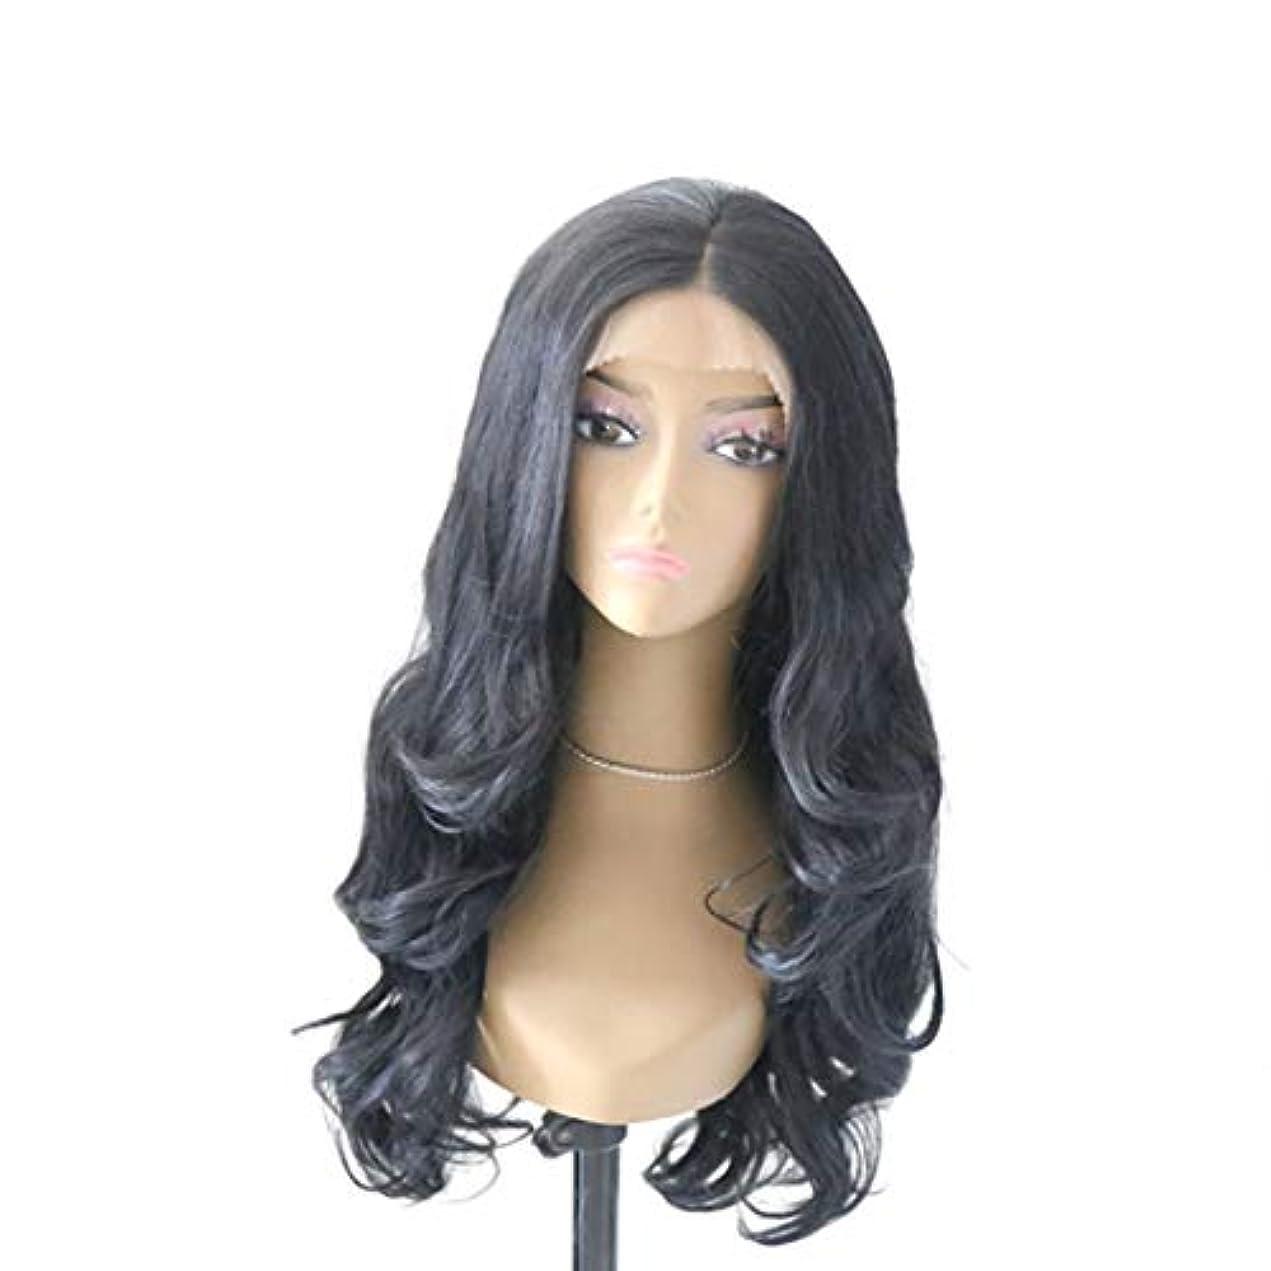 電化するかすれたお酢Kerwinner 黒かつら女性のための大きな波状の巻き毛のフロントレース化学繊維かつら